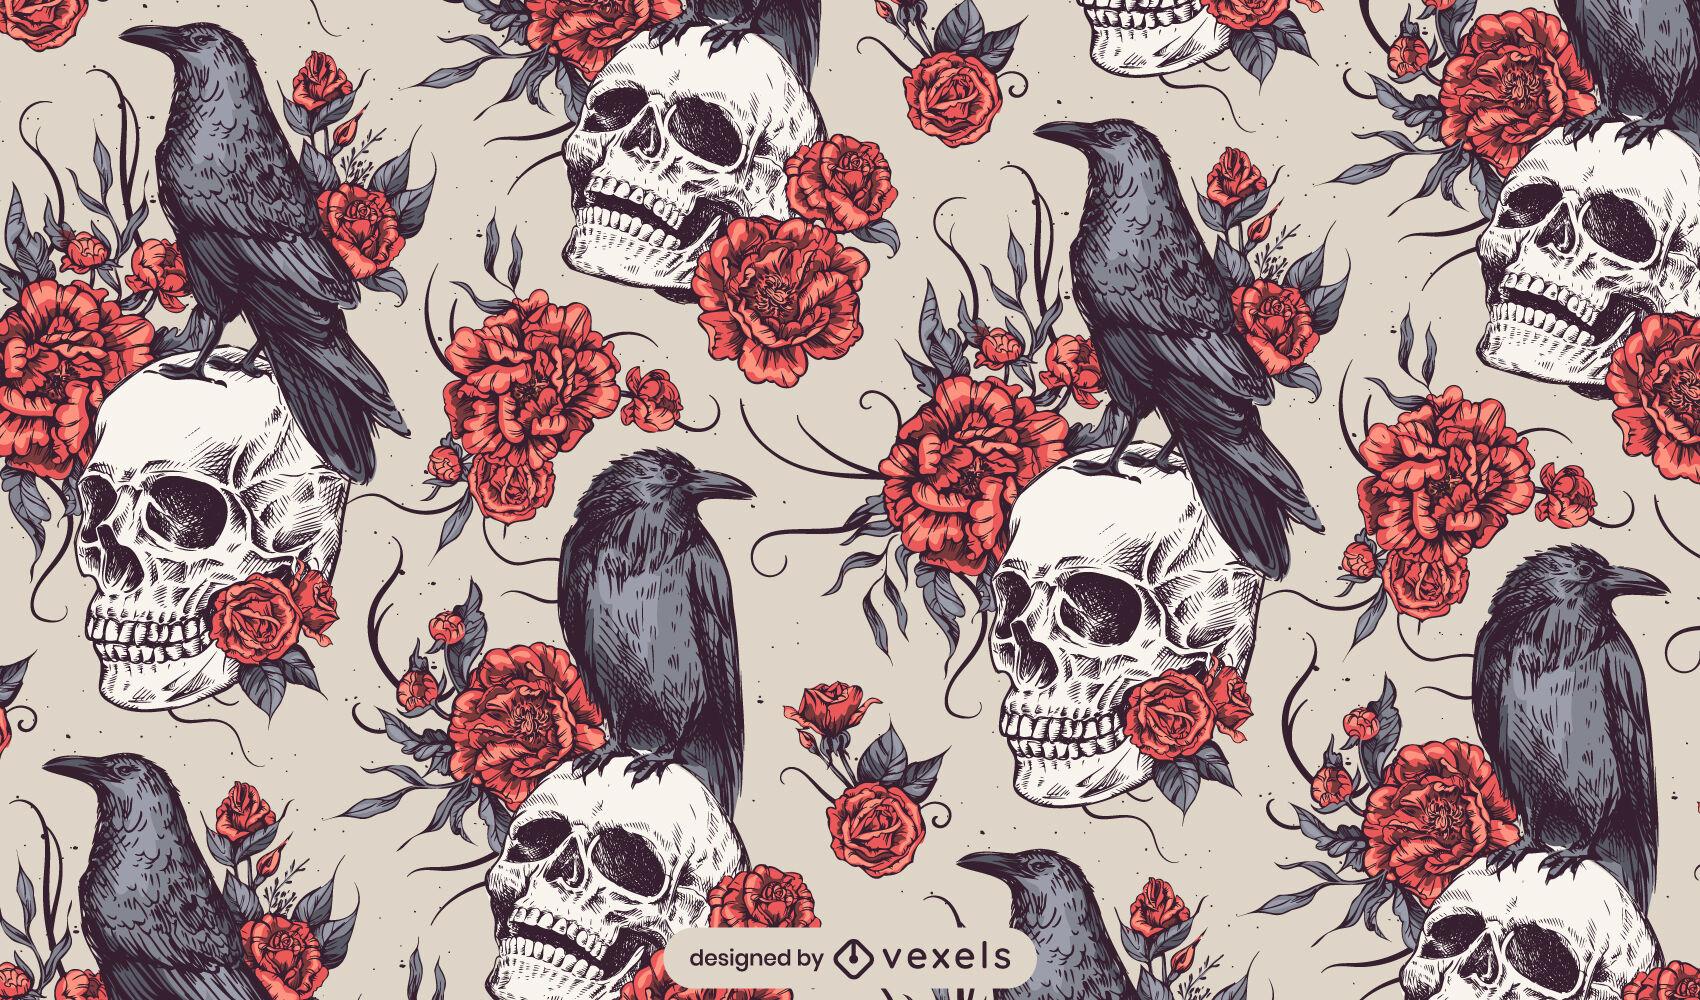 Diseño de patrón gótico de calavera cuervo rosas